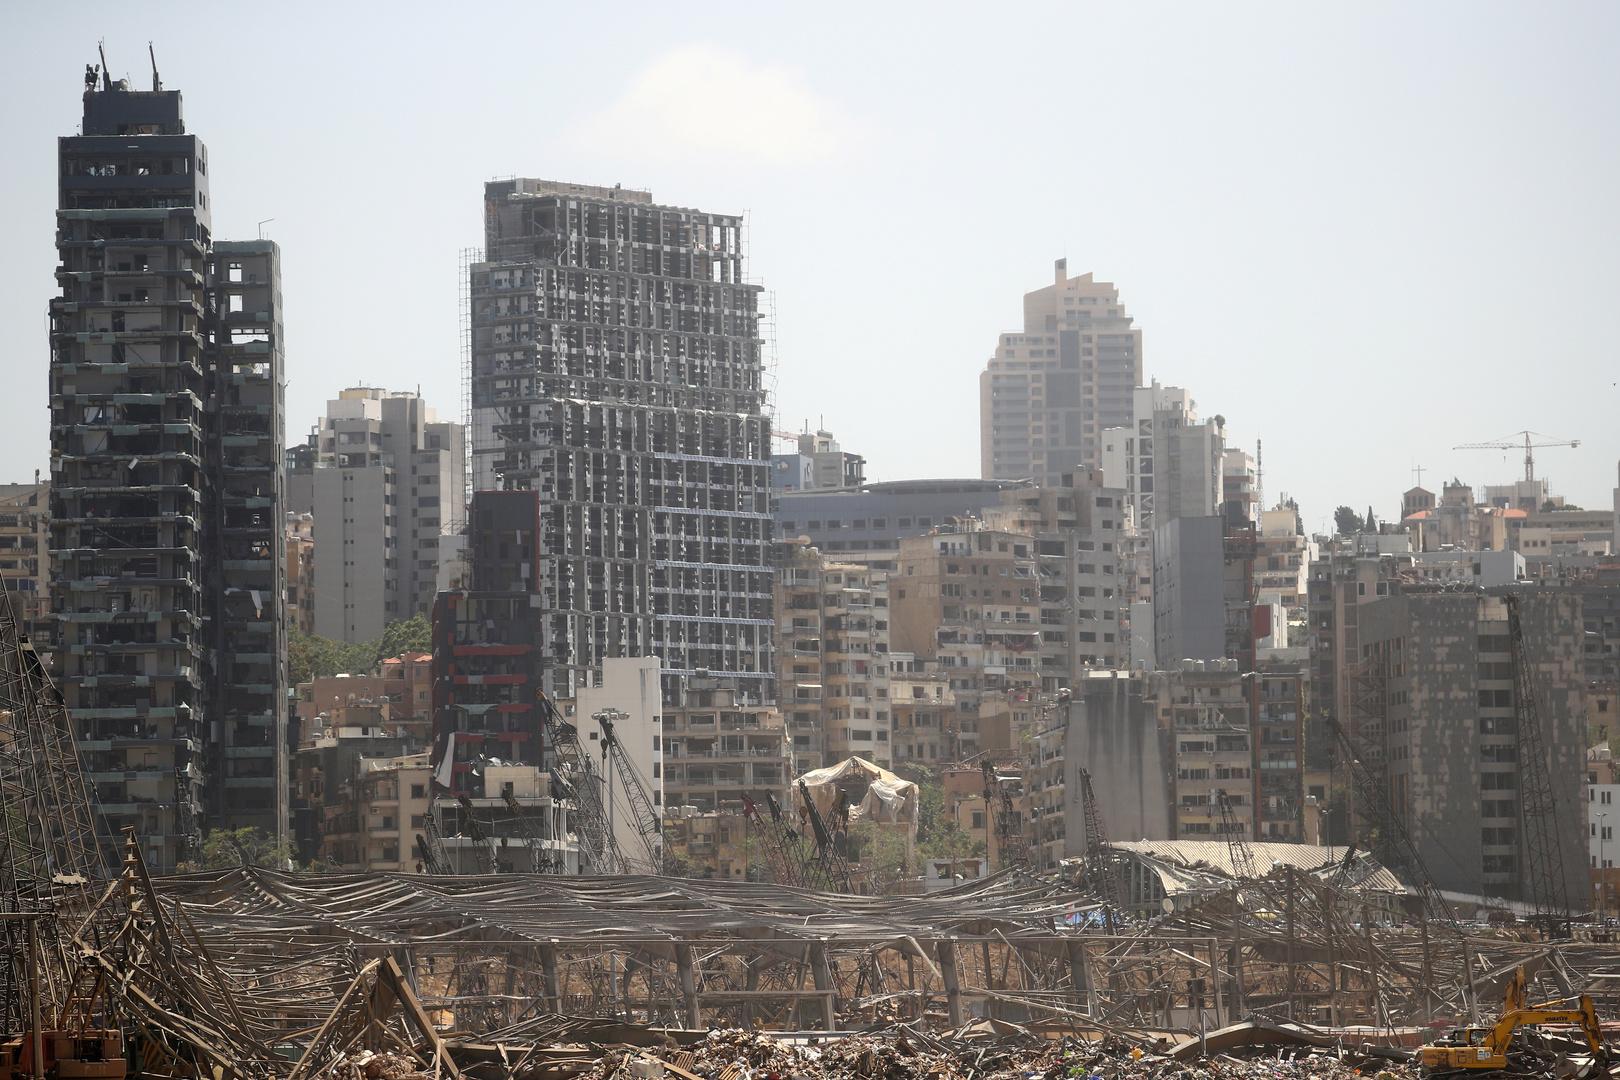 العراق: التضامن الدولي مع لبنان هو المبدأ الأول الذي يجب الدعوة إليه